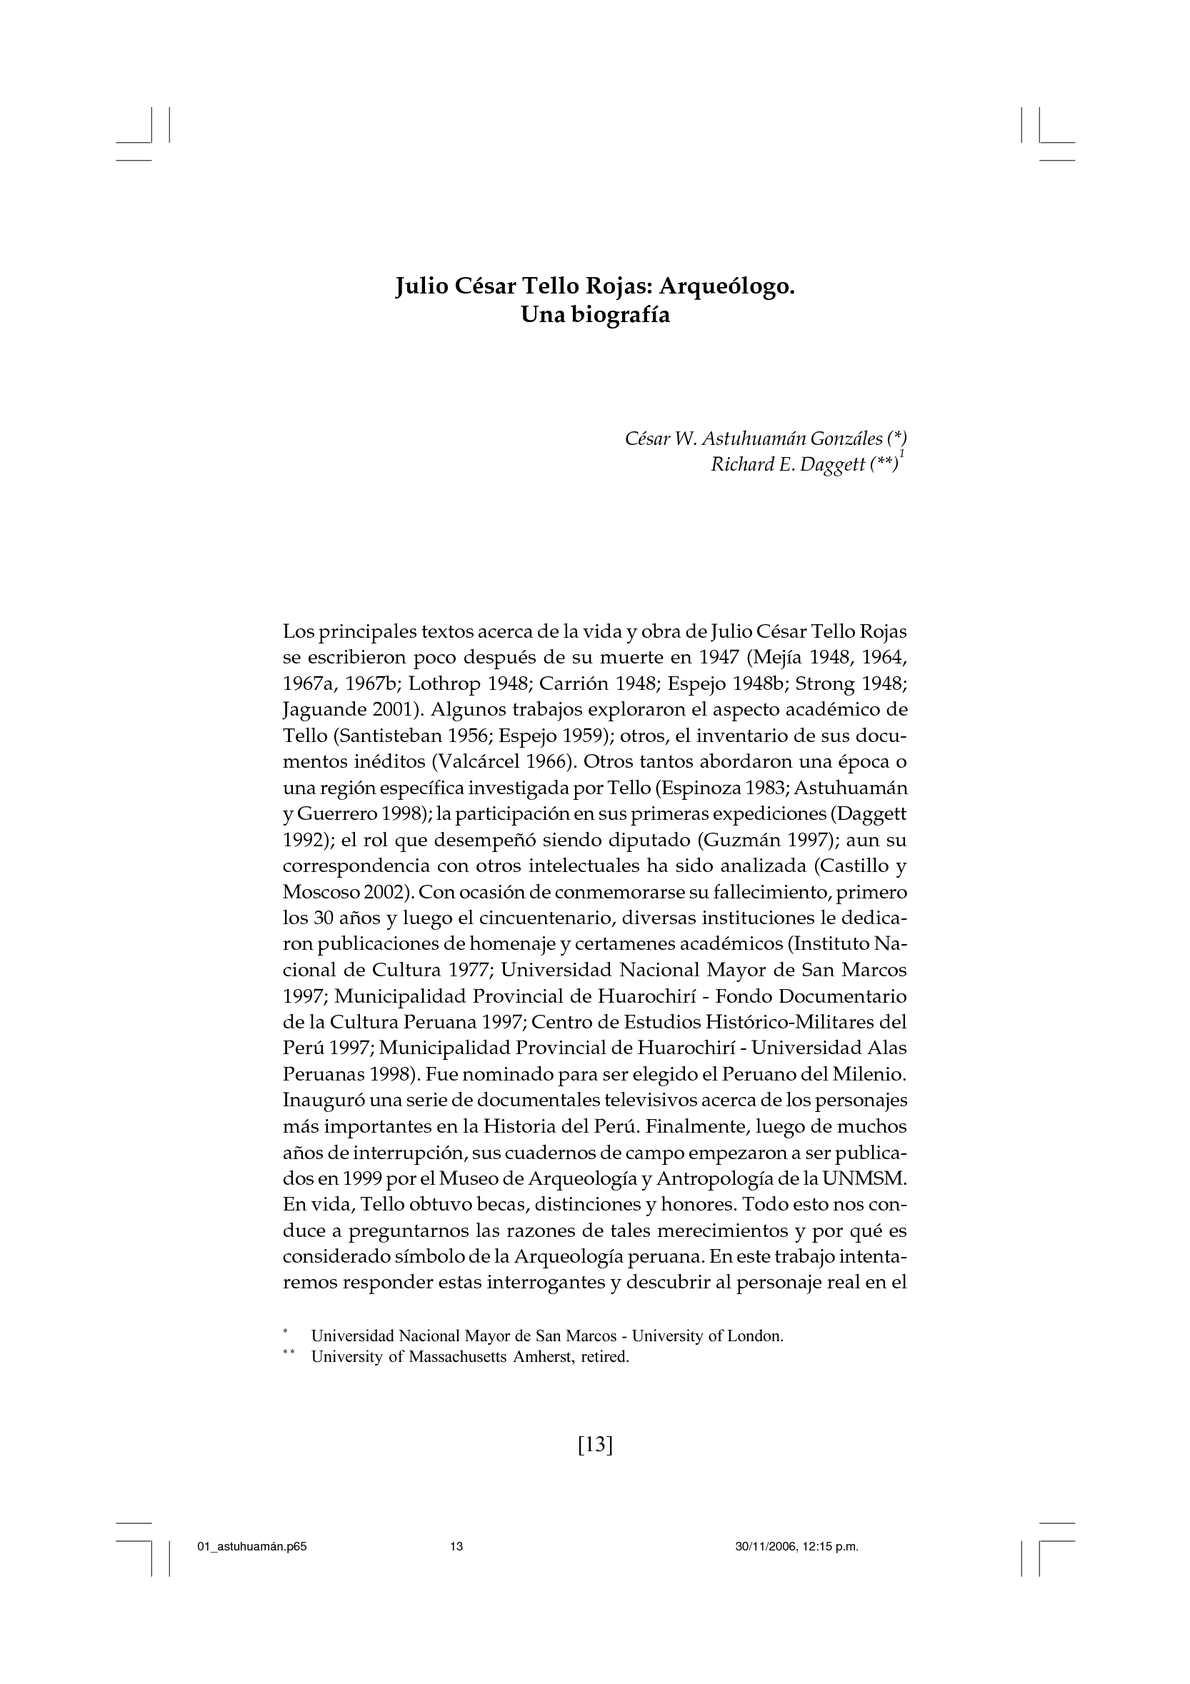 Julio César Tello Rojas: Arqueólogo. Una biografía. Por César W. Astuhuamán